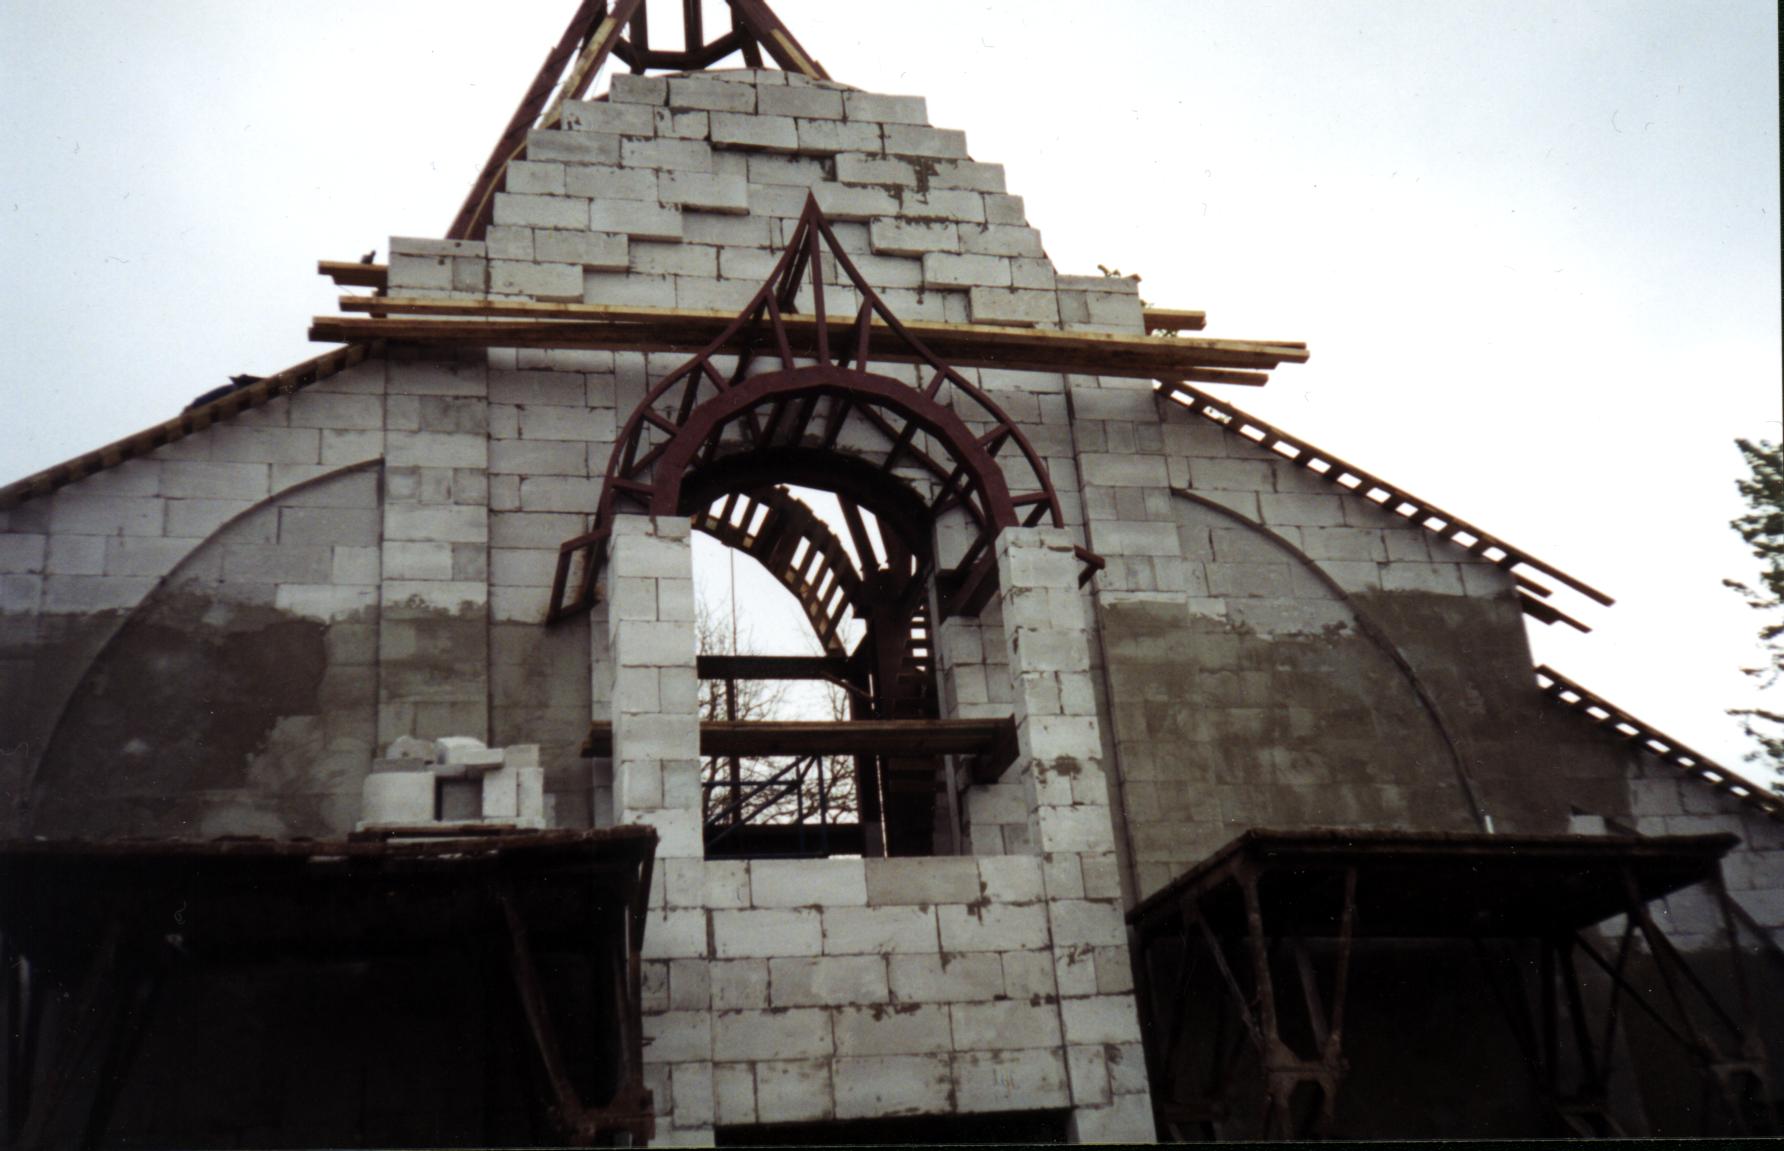 Церковный павильон-часовня на пр. Стачек 98. строительство севзапстальконструкция.